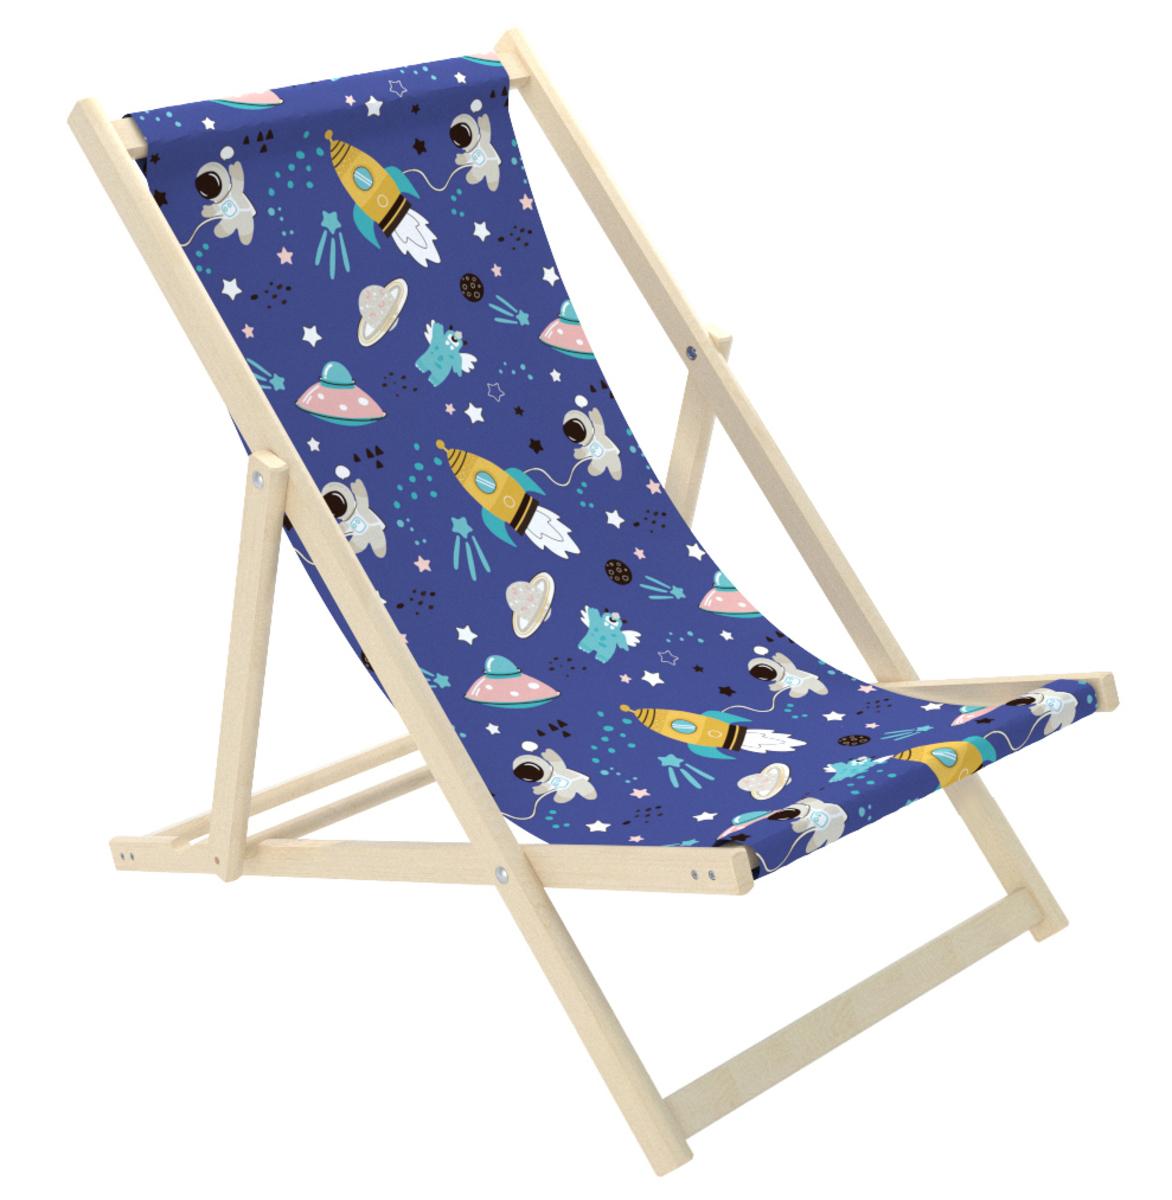 Detské plážové lehátko Vesmír universe